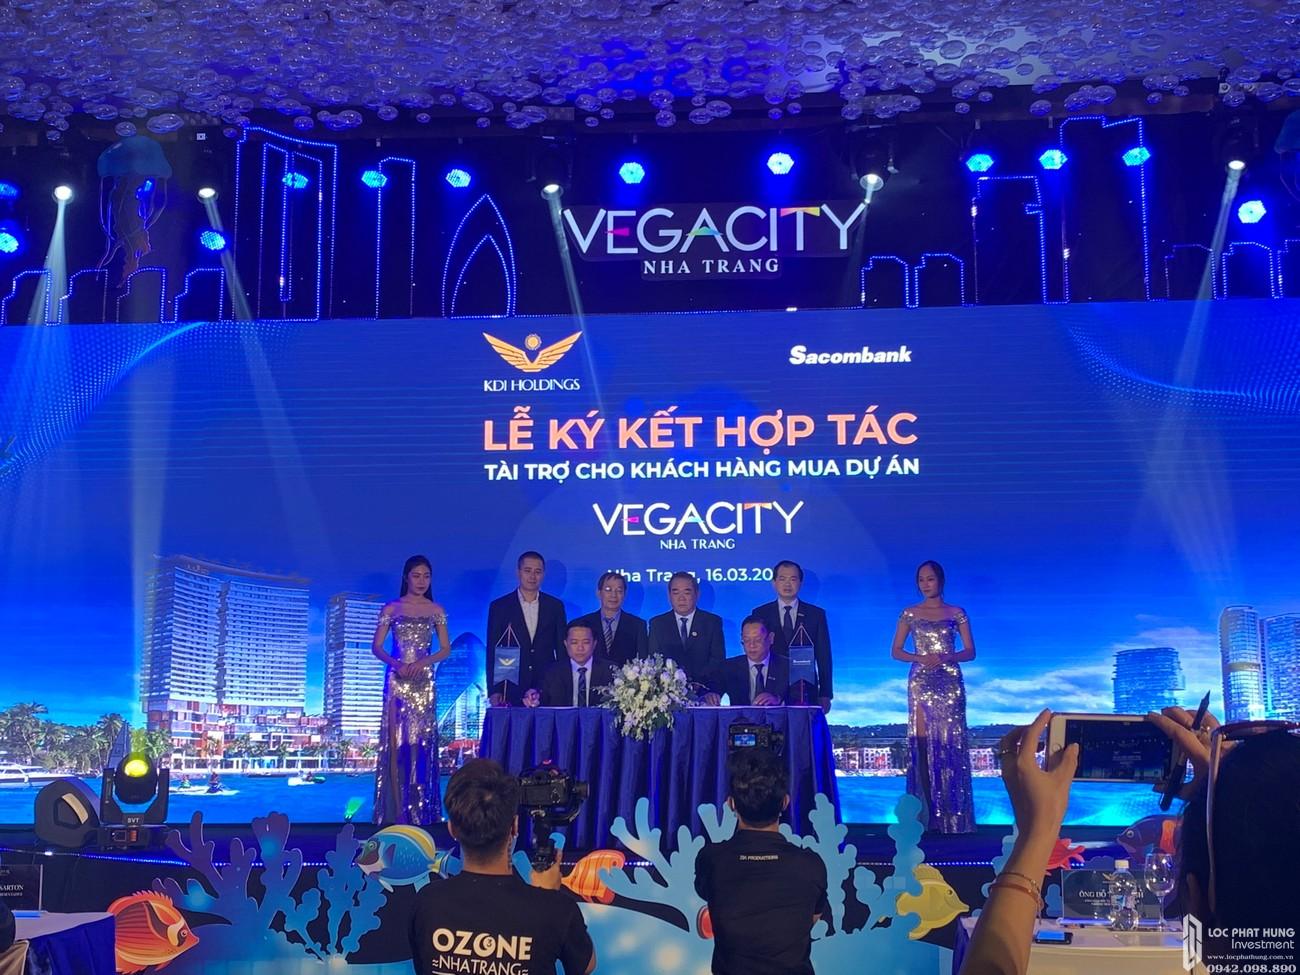 Đơn vị tài chính của Vega City - Ngân hàng Sacombank